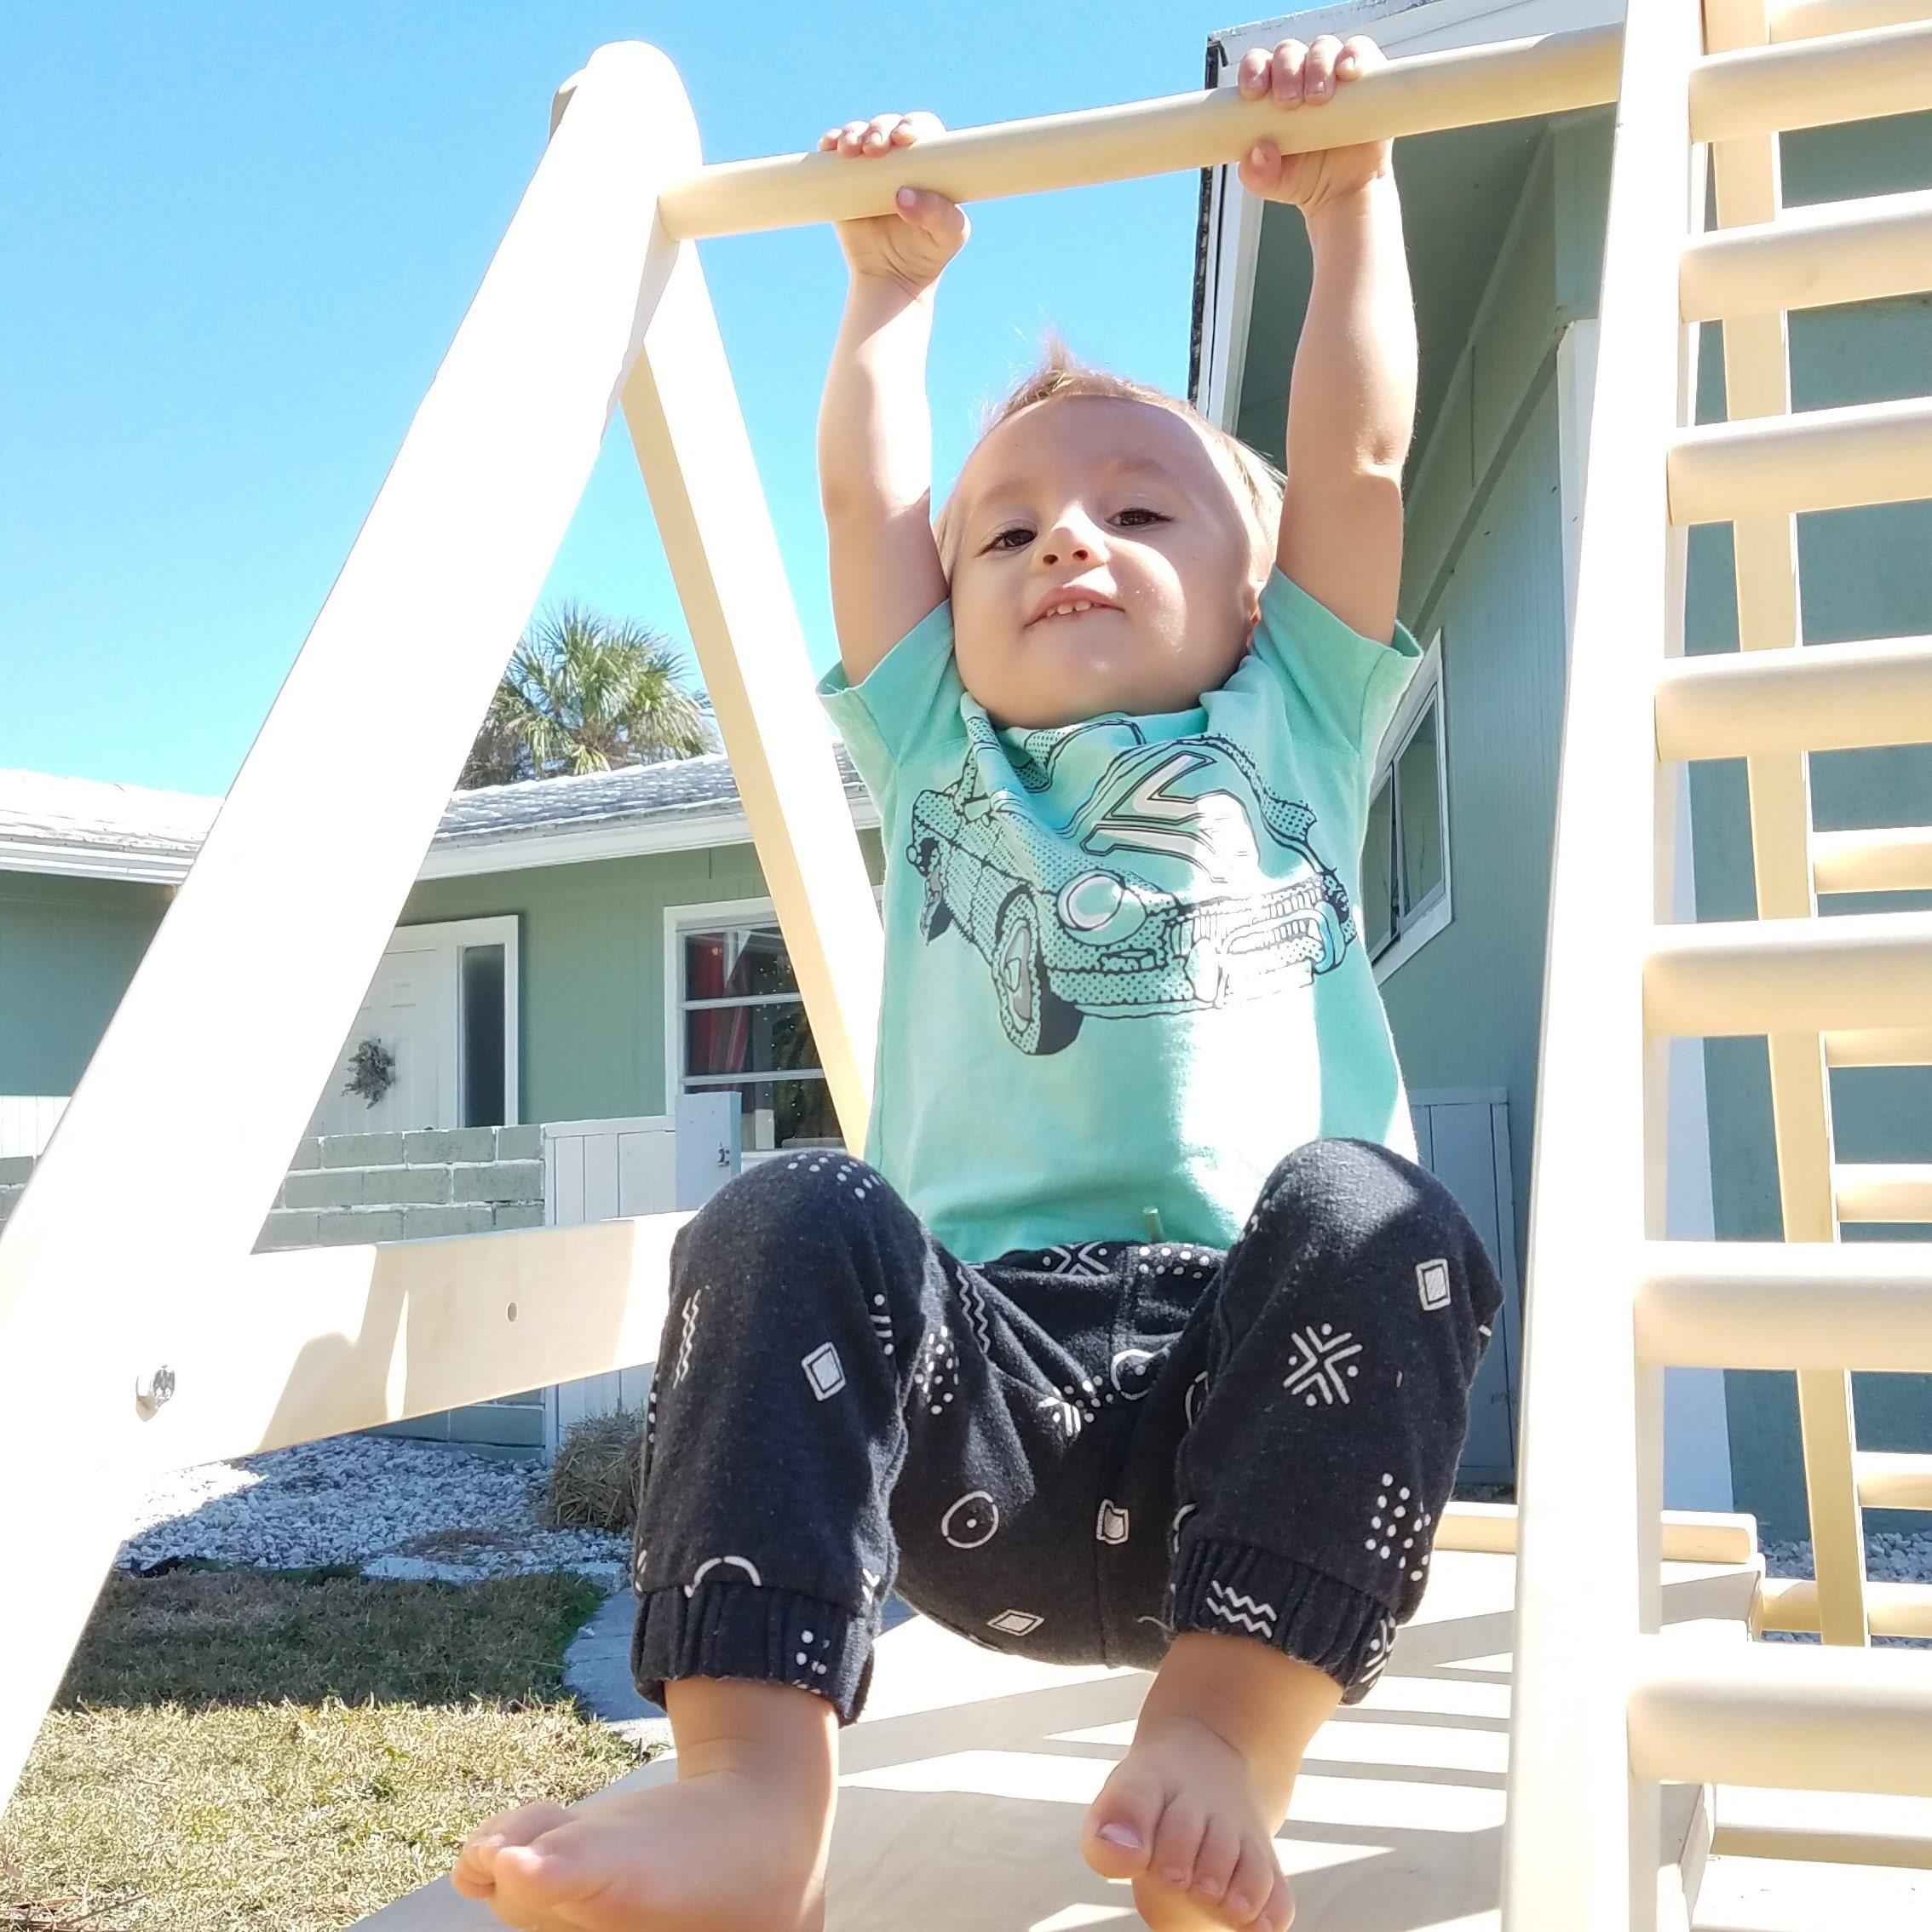 En Baby De Furniture Homefordreams Etsy Toysamp; rBCoedx